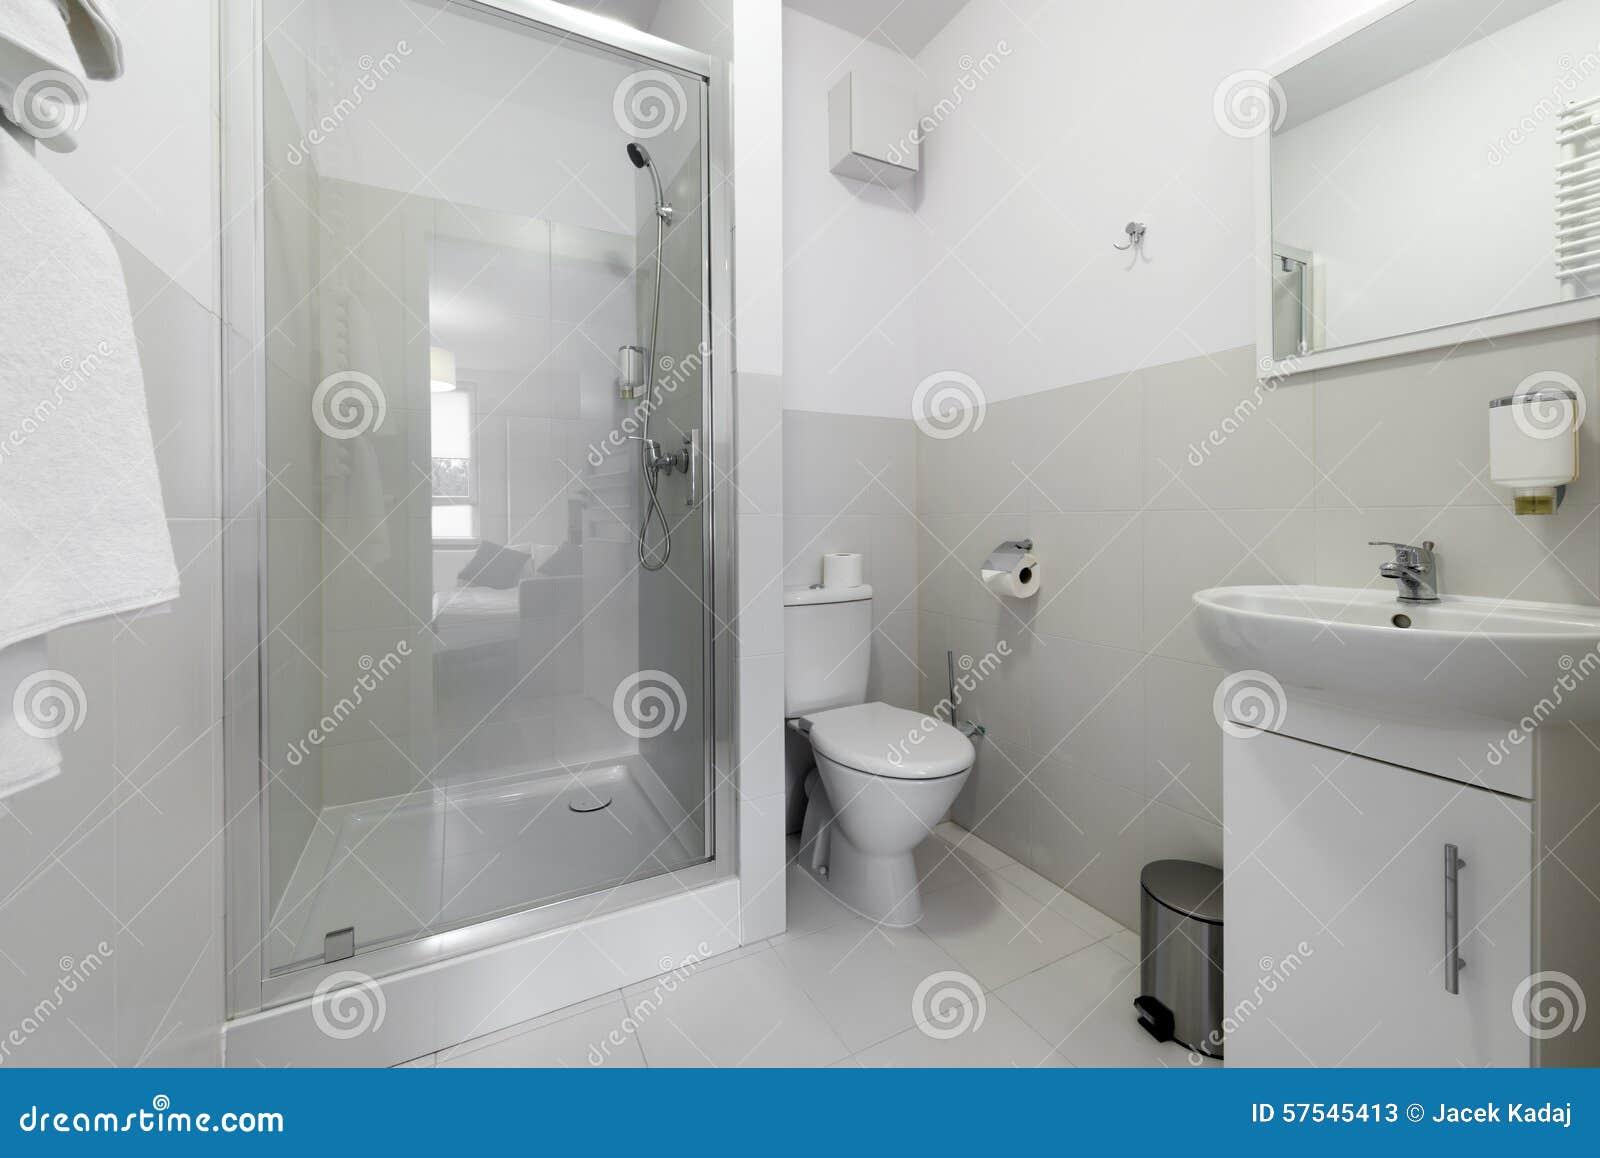 Badrum små badrum inspiration : Badrum Litet ~ Interiörinspiration och idéer för hemdesign